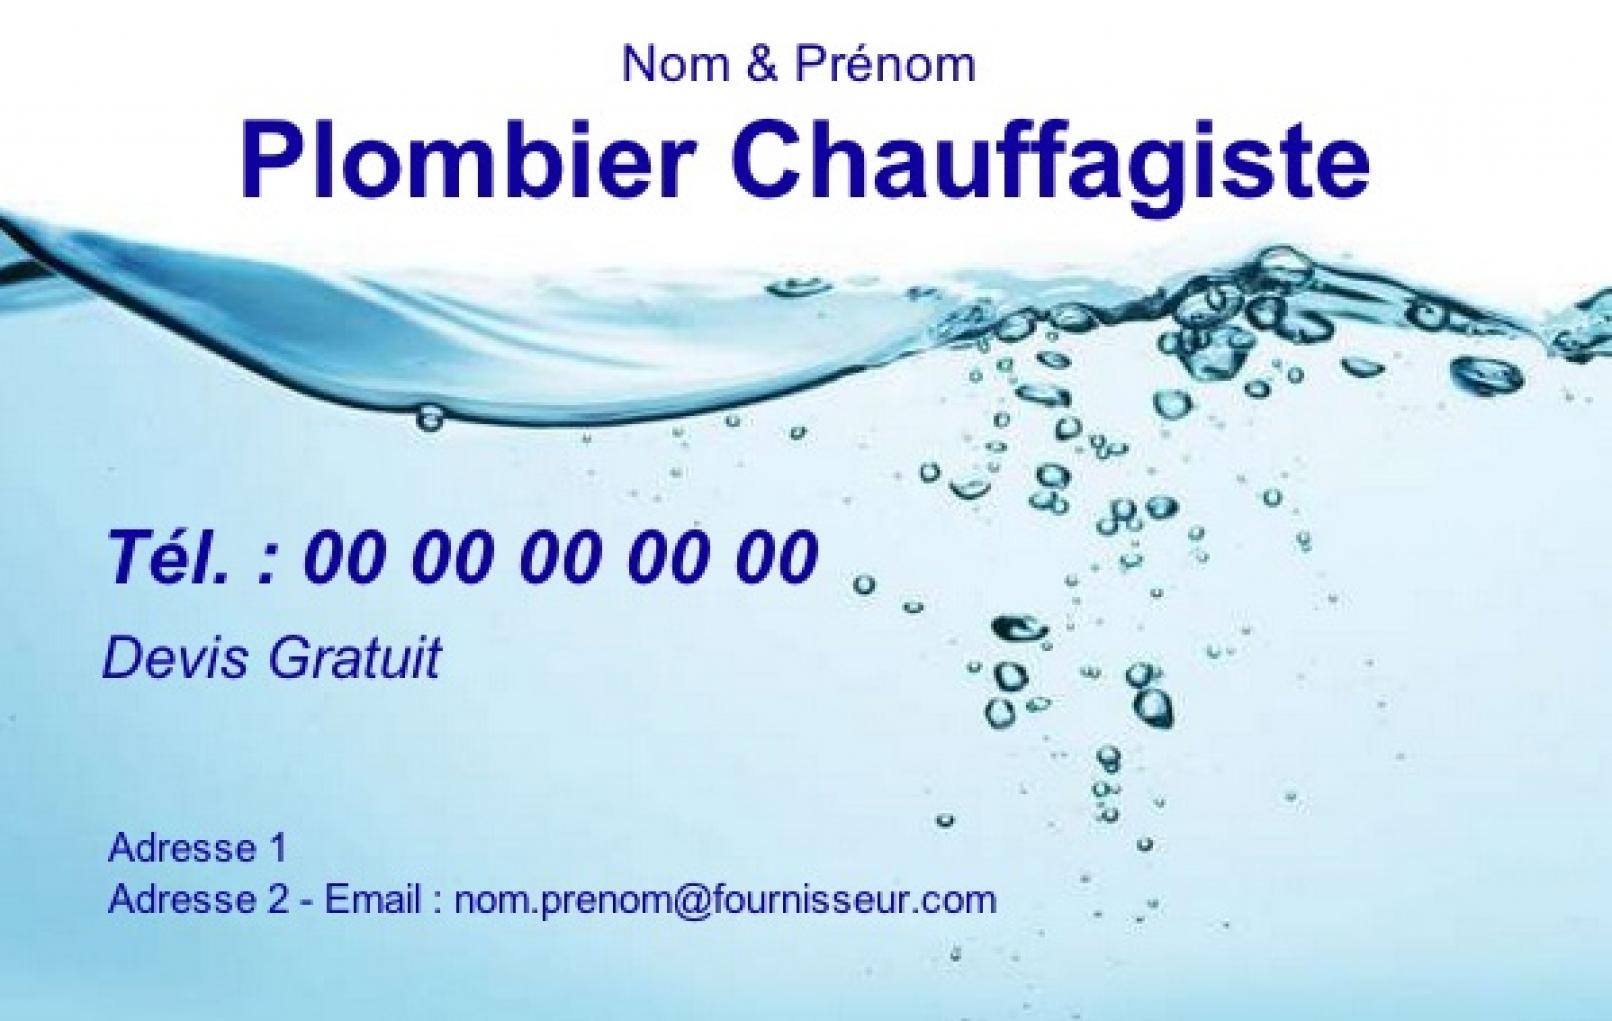 Plomberie Exemple Carte De Visite Plombier Chauffagiste Modele Gratuit A Personnaliser En Ligne Pas Chere